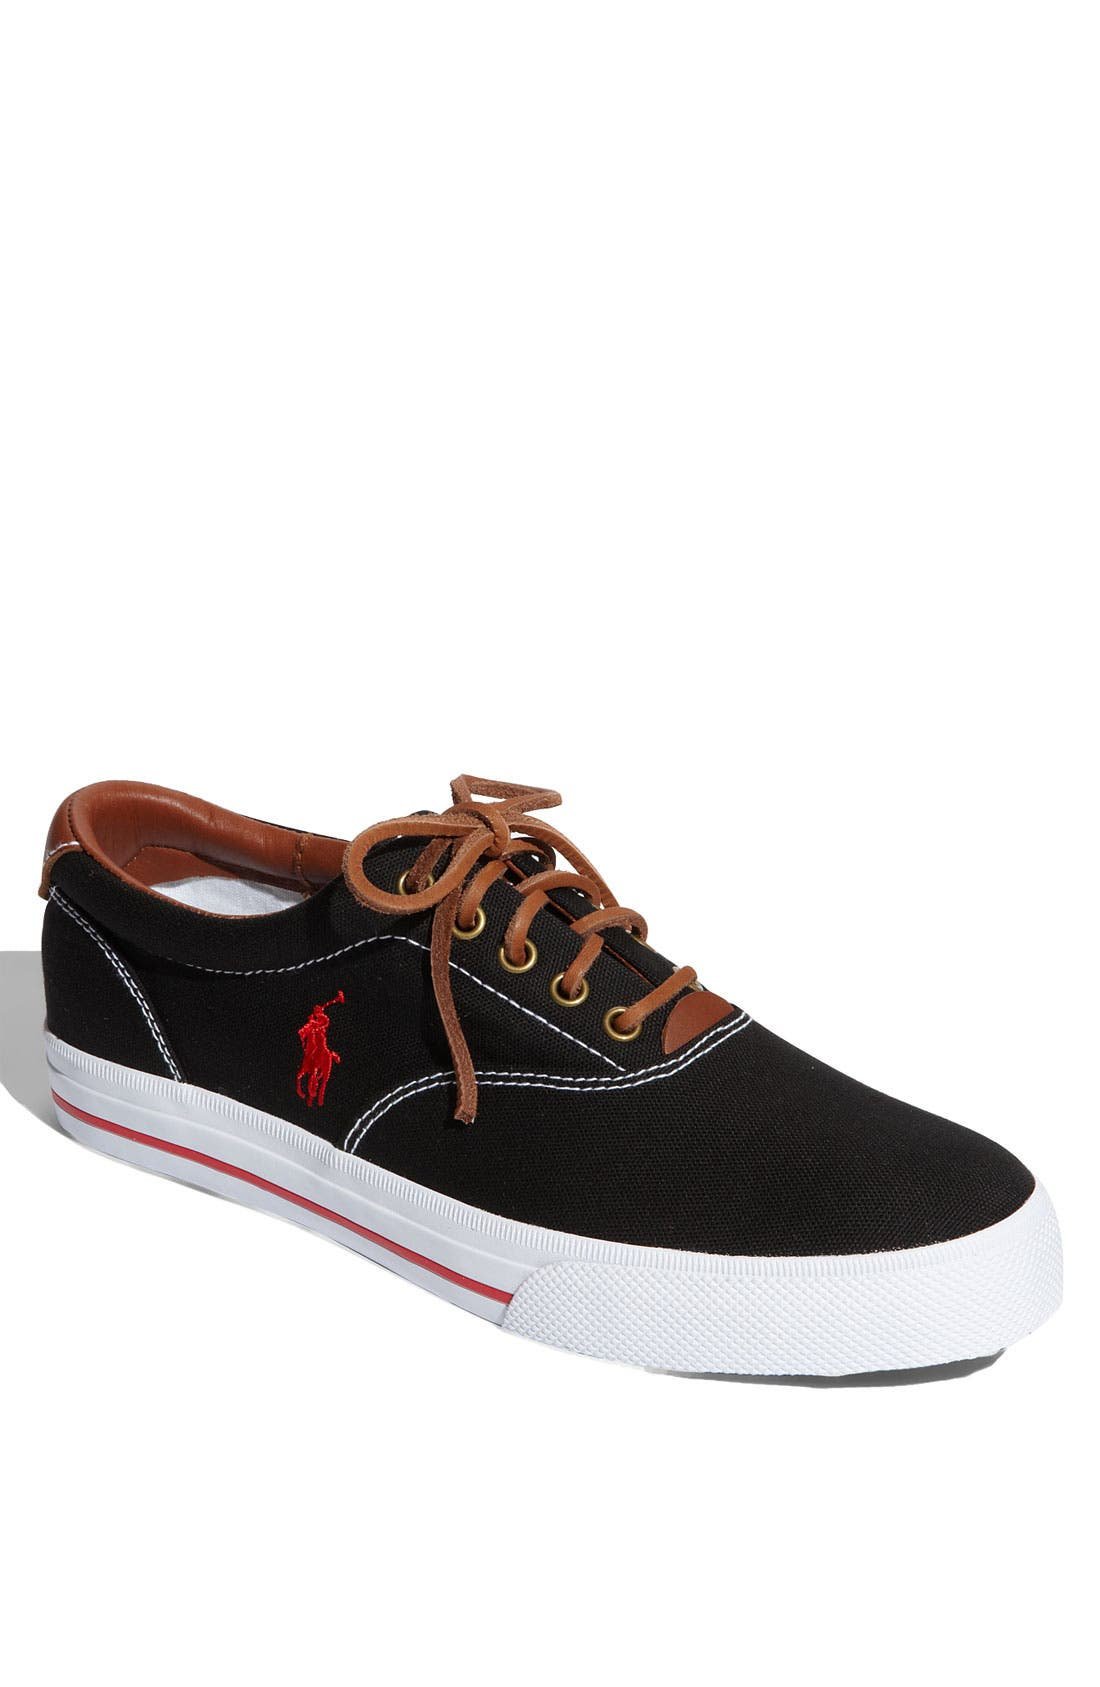 'Vaughn' Sneaker,                             Main thumbnail 1, color,                             001